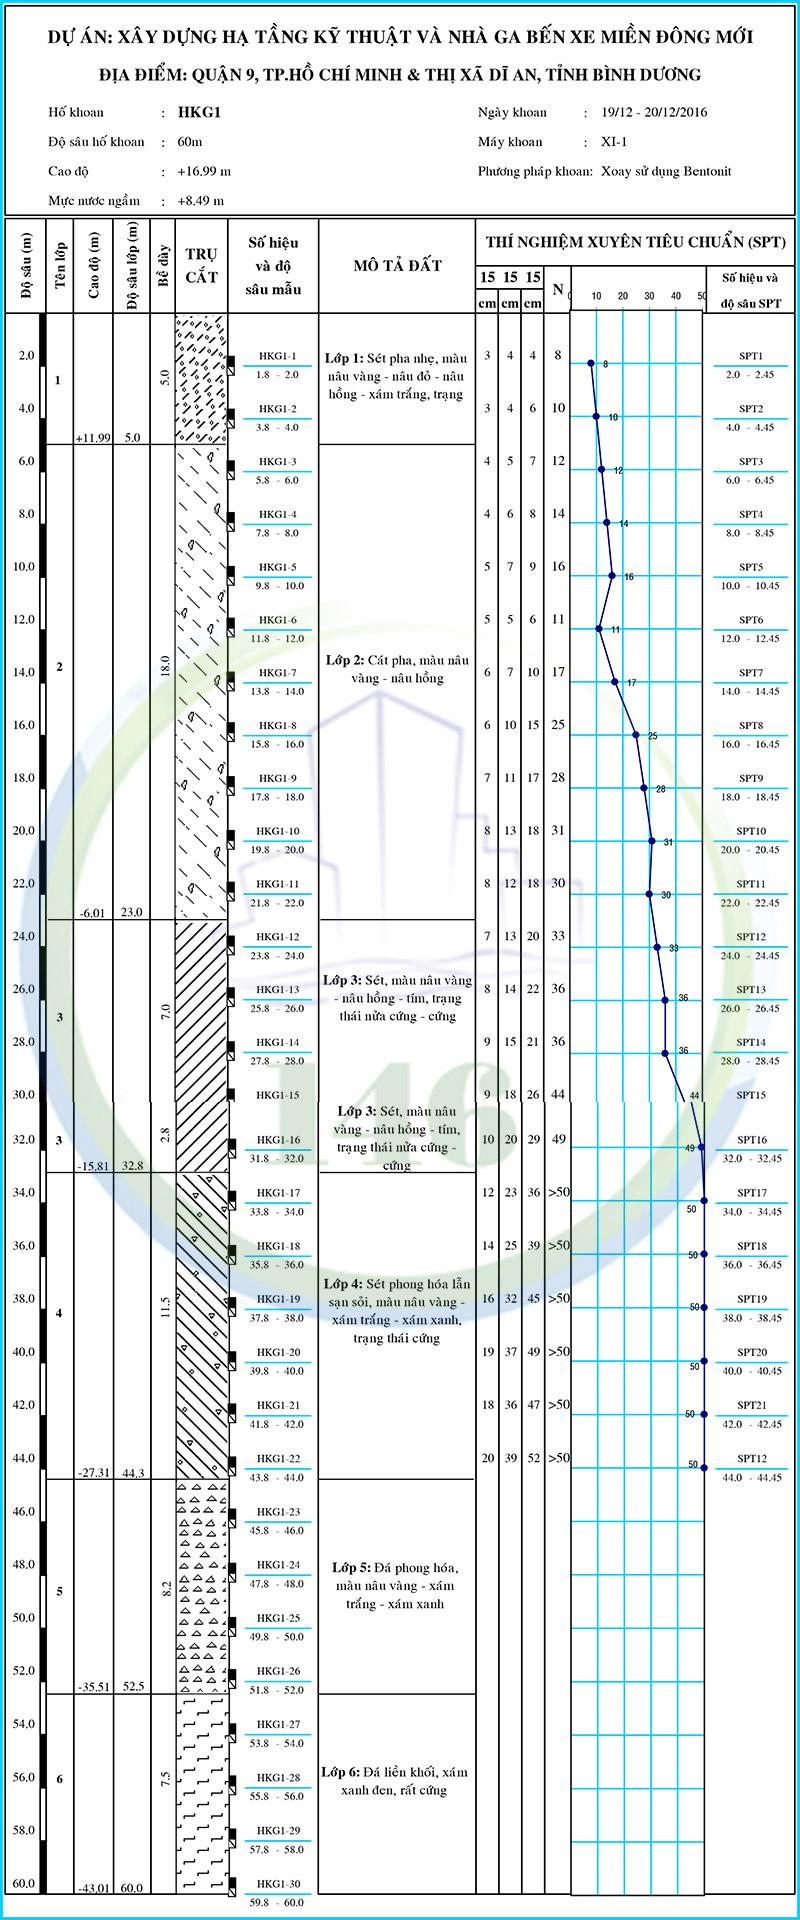 địa tầng bến xe miền đông mới (1)